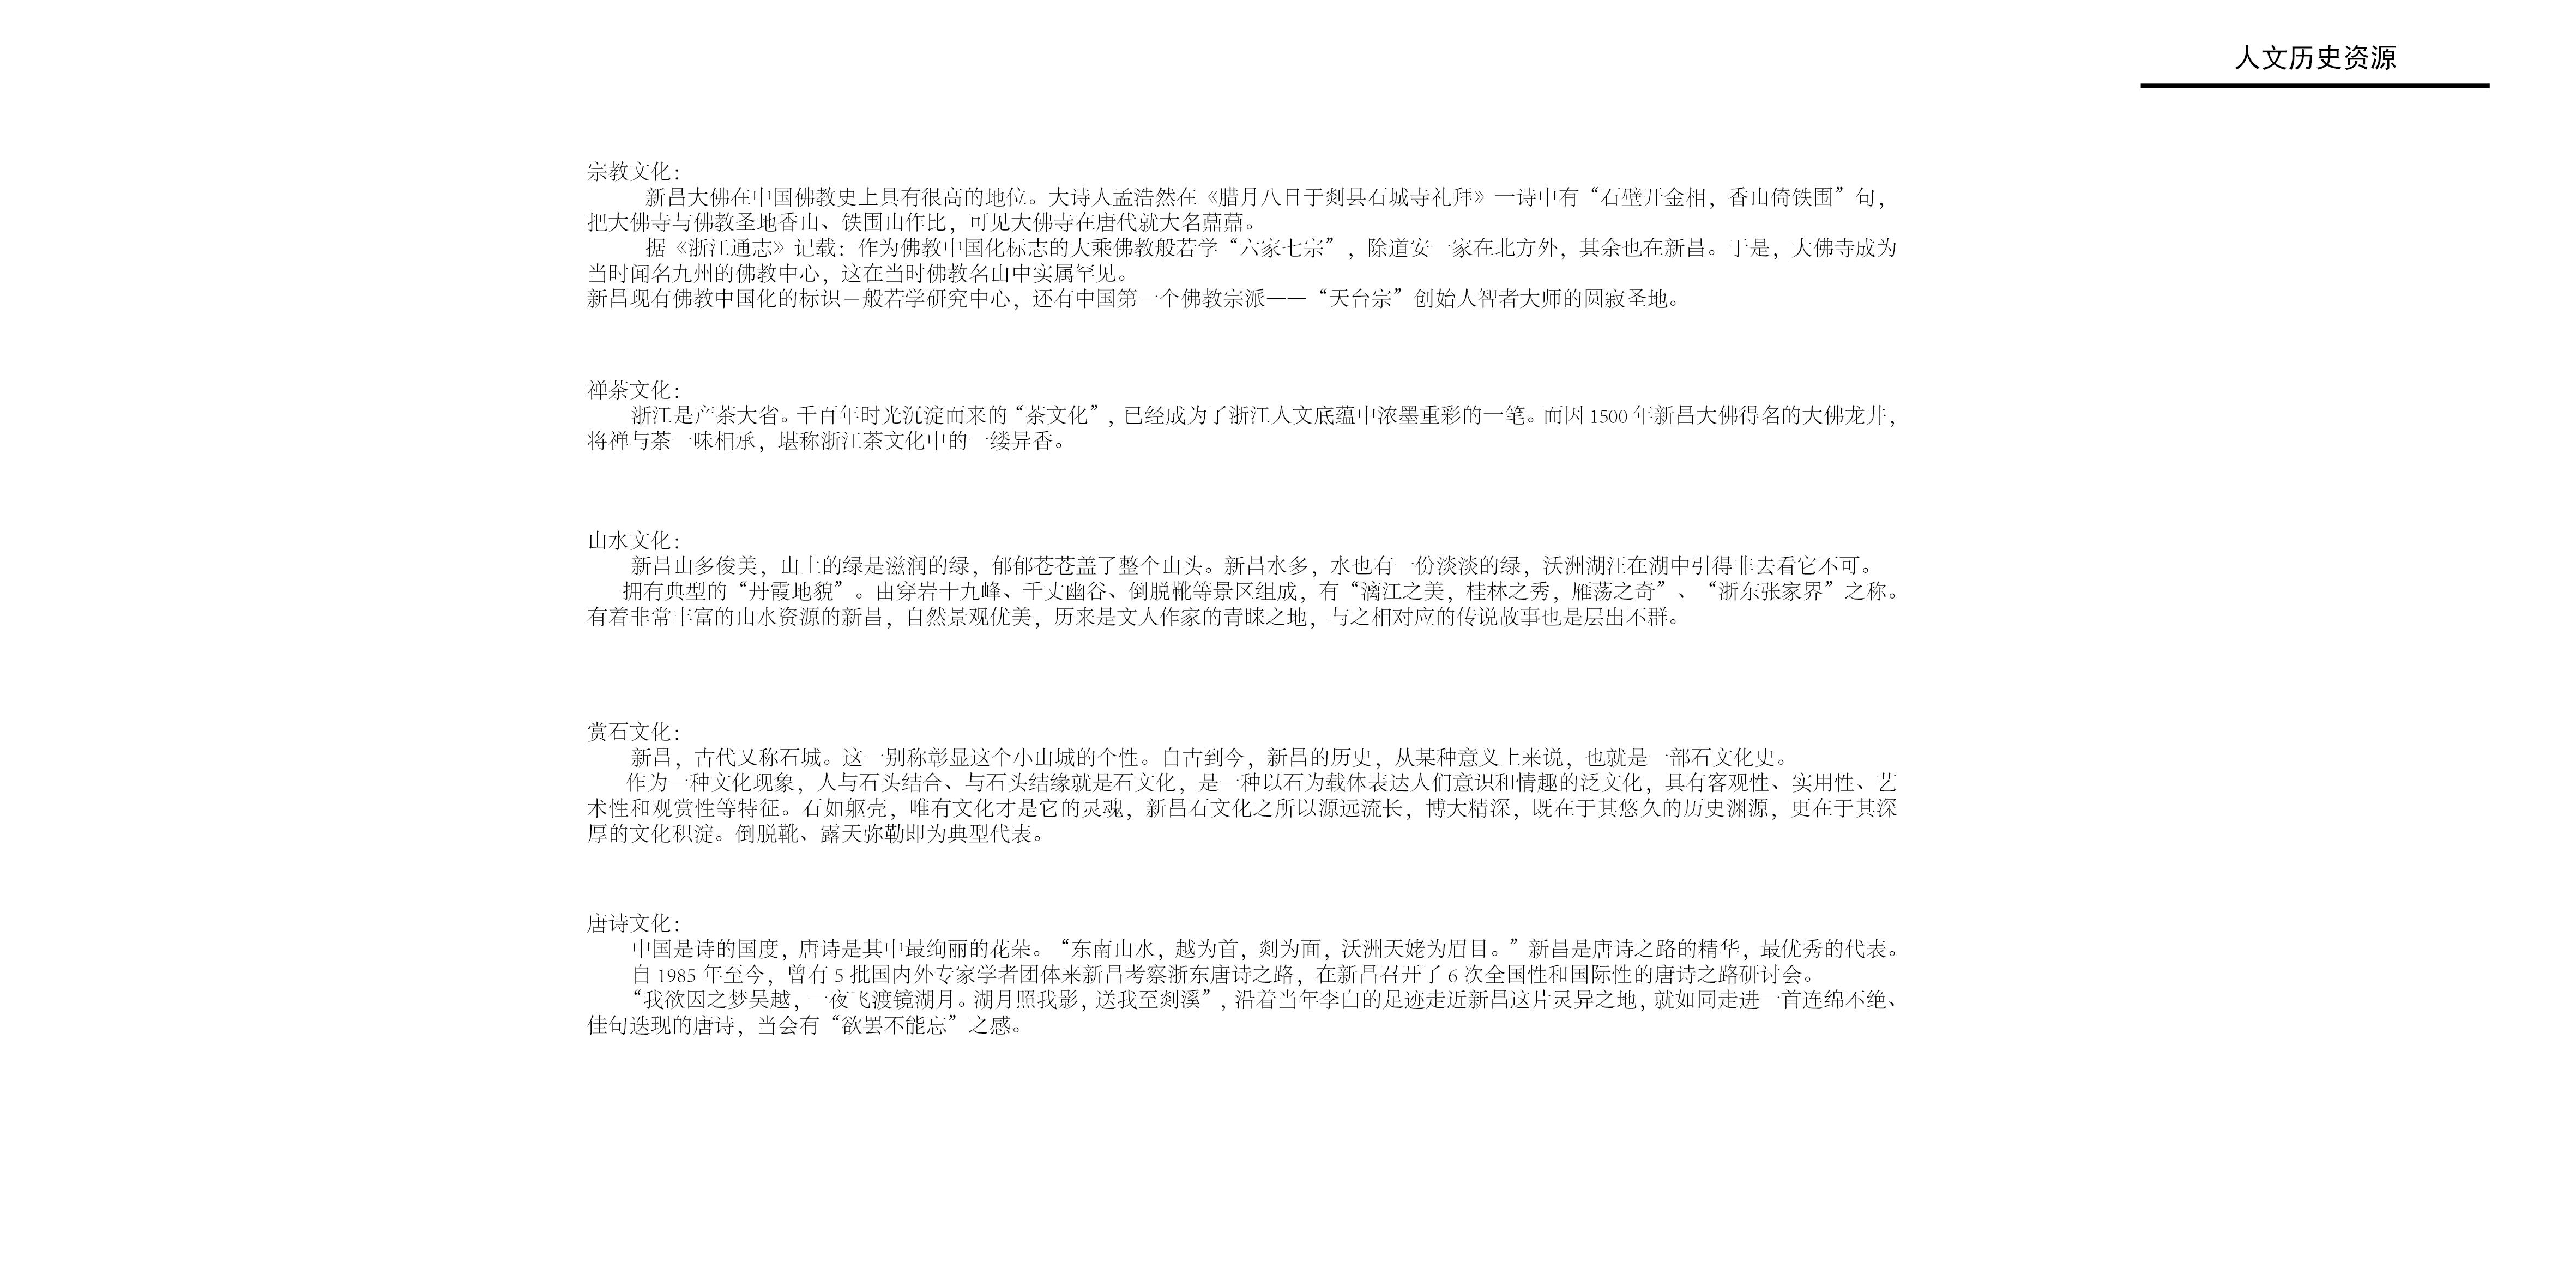 千丈幽谷景观提升设计_页面_16